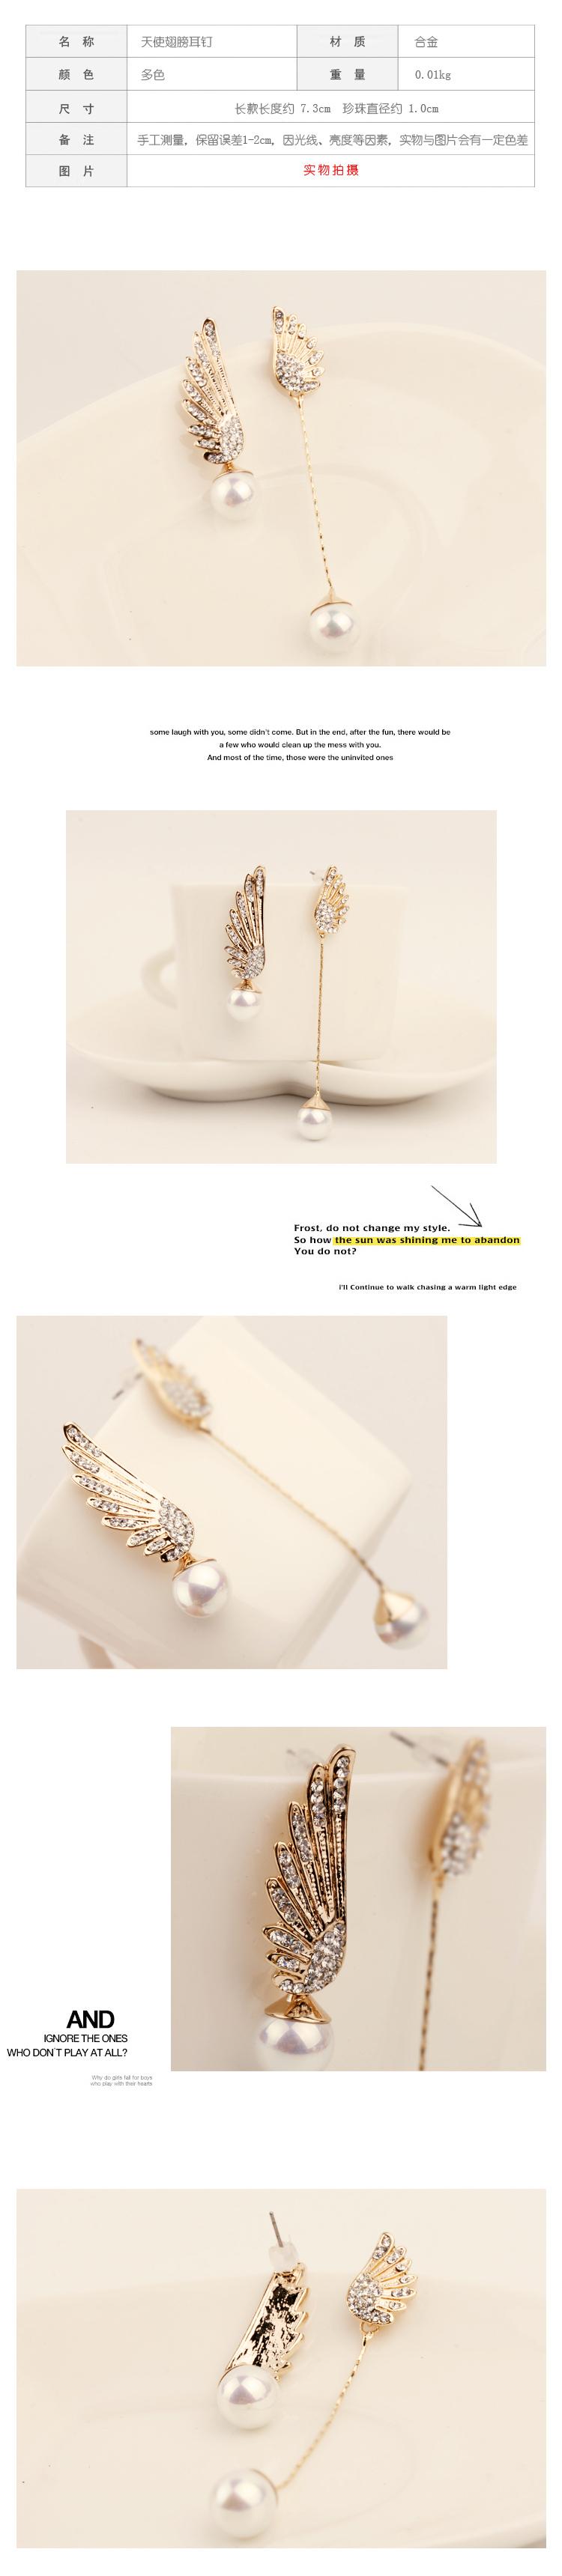 Boucles oreilles femme en Alliage / argent / plaqué or - Le Japon et la Corée du Sud - Ref 1114089 Image 13